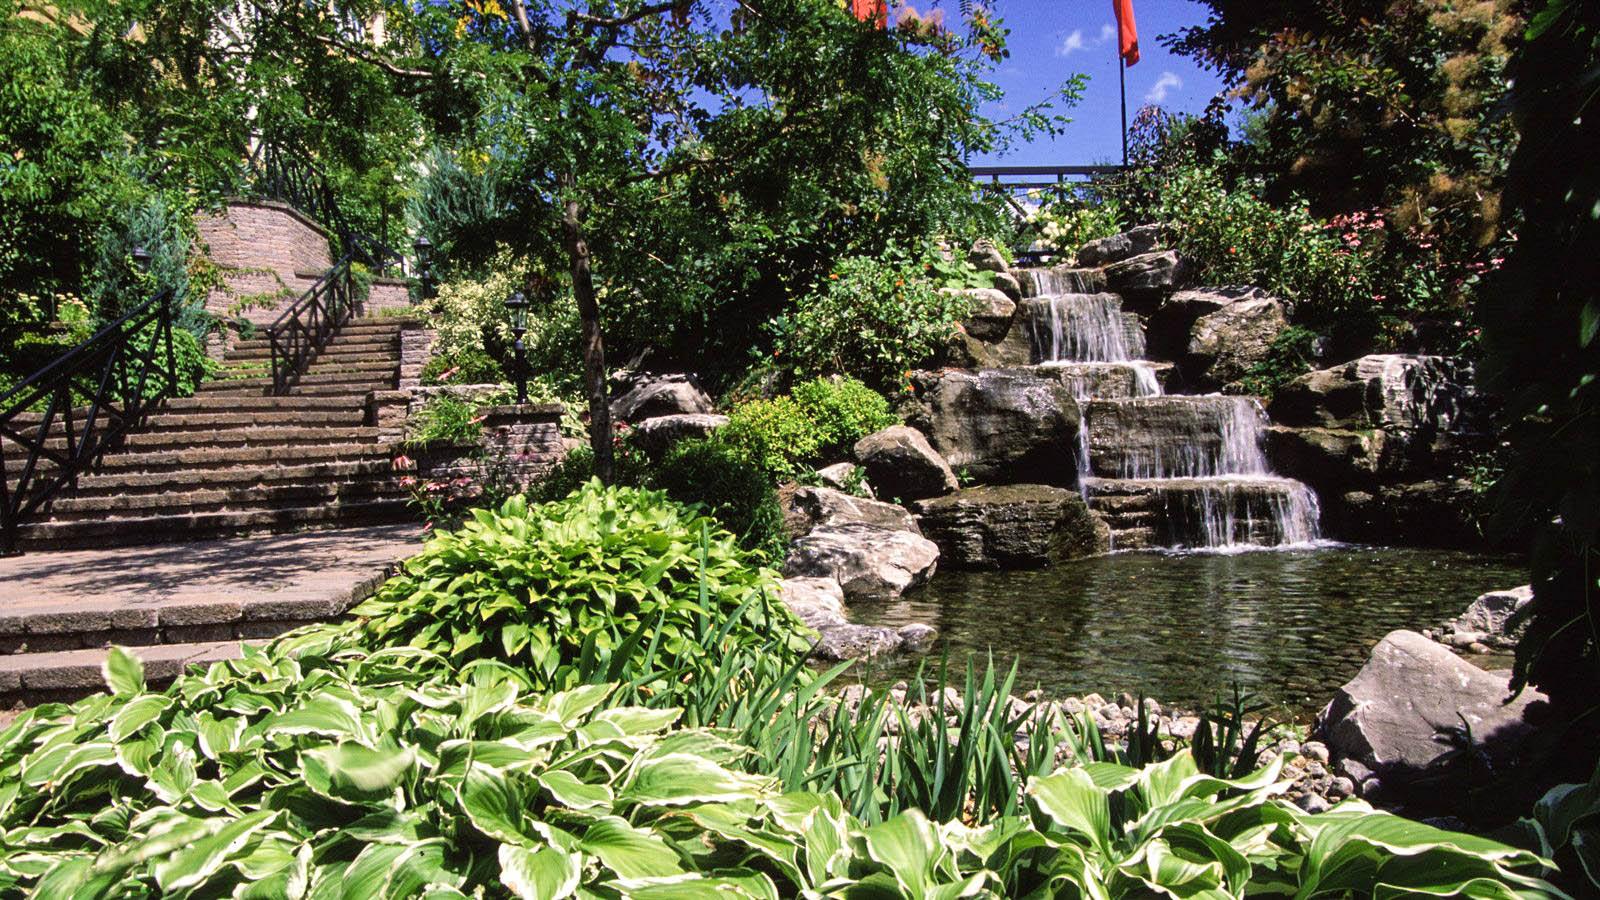 Comment Faire Son Jardin D'eau : Trucs Et Astuces Pour ... à Comment Faire Son Jardin Paysager